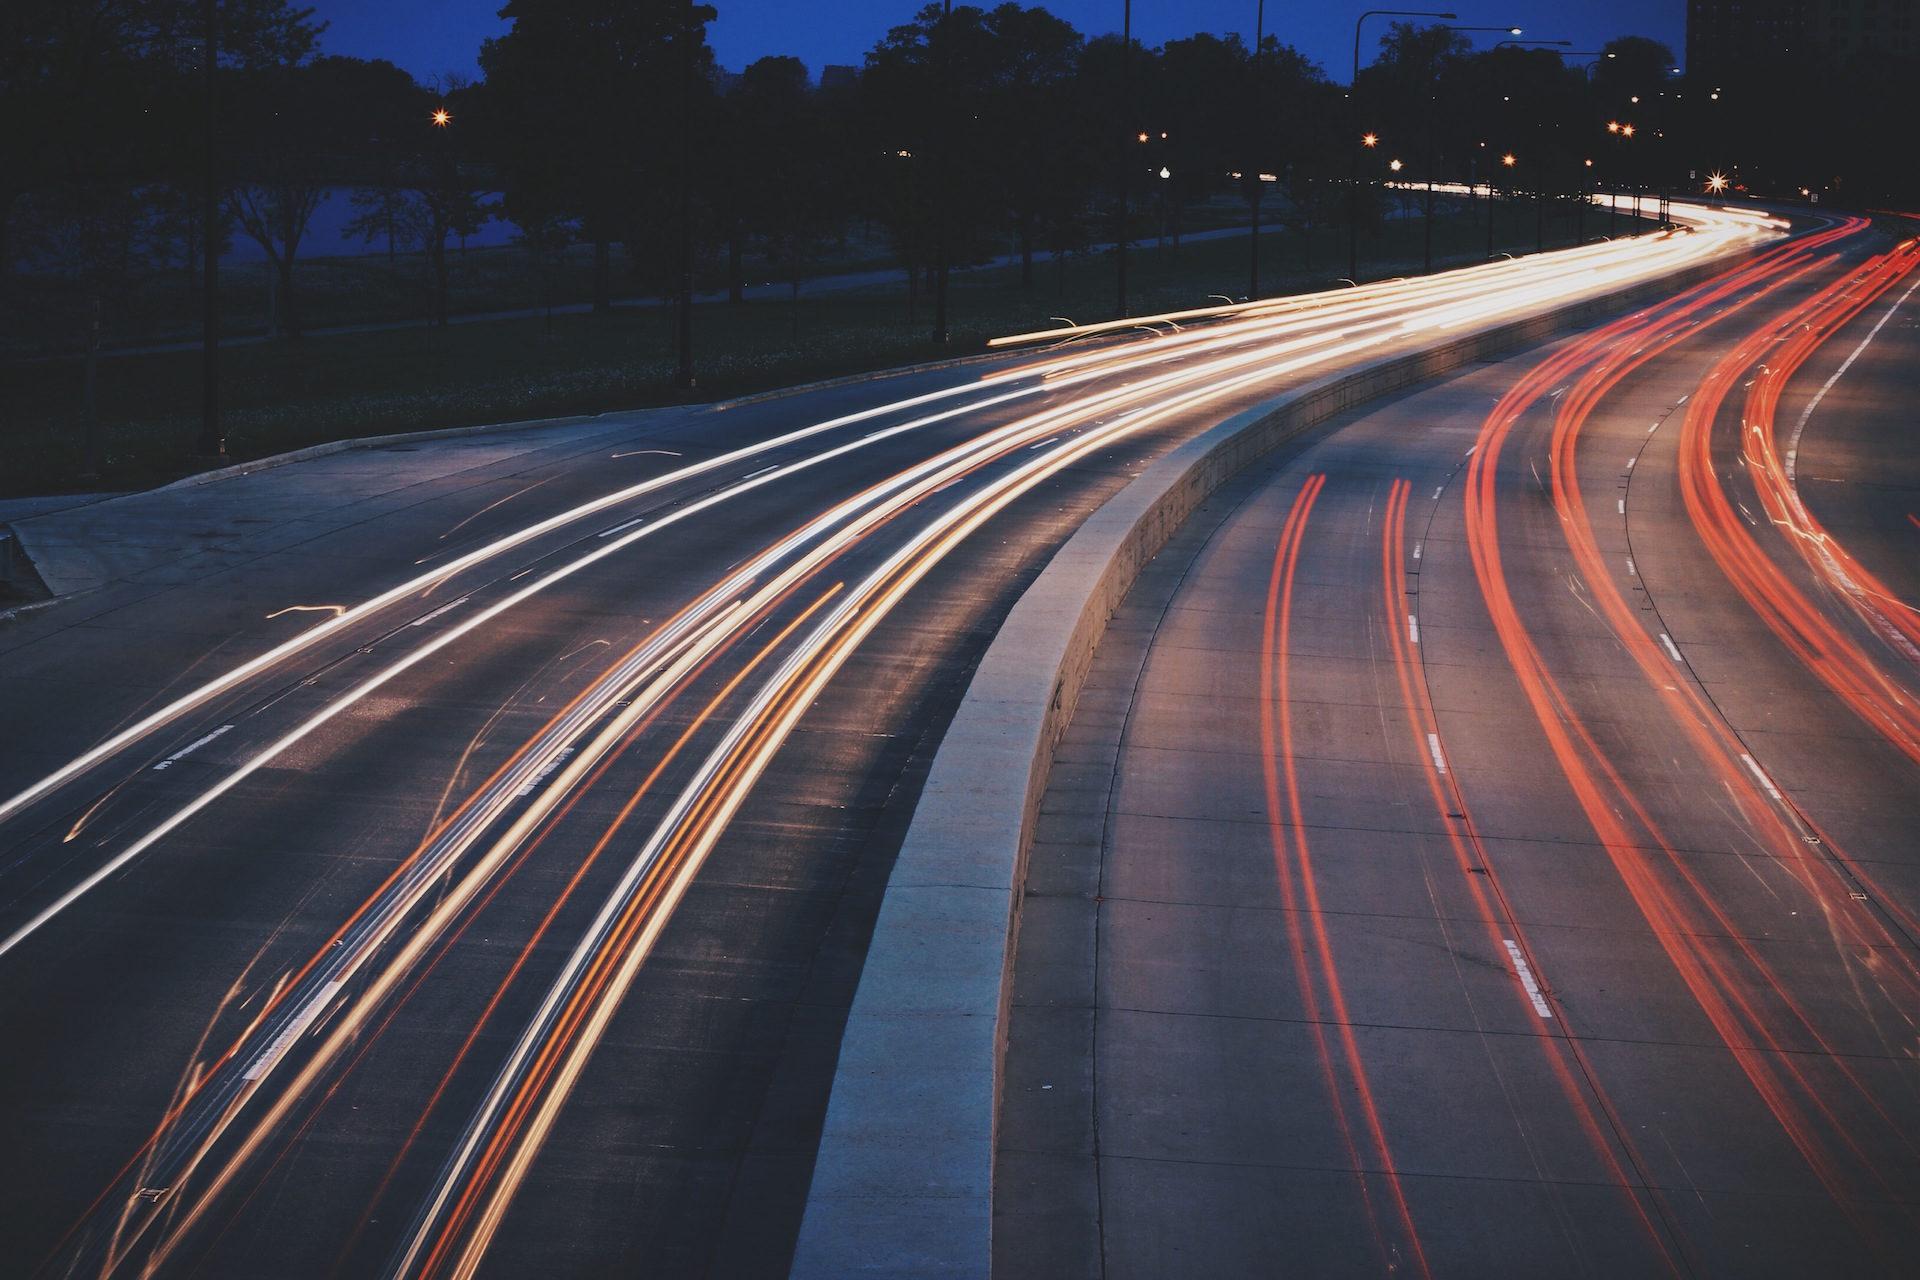 tráfego, à noite, Carros, luzes, halos - Papéis de parede HD - Professor-falken.com